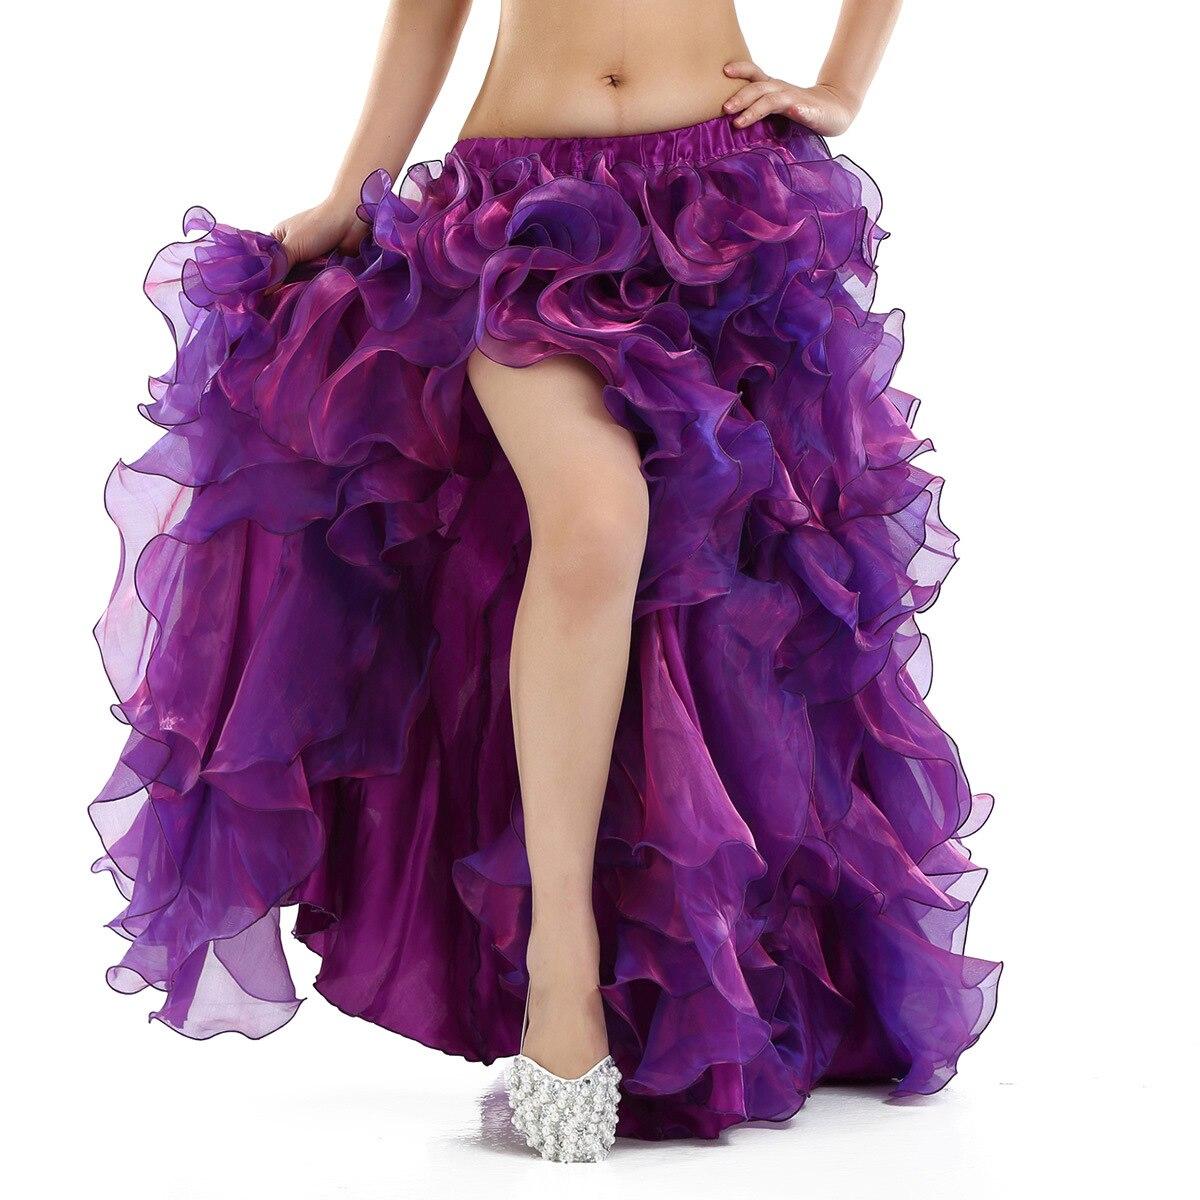 Dancers belly dance bitter fleabane bitter fleabane skirt hem skirts Oriental dance open fork leg dance skirt